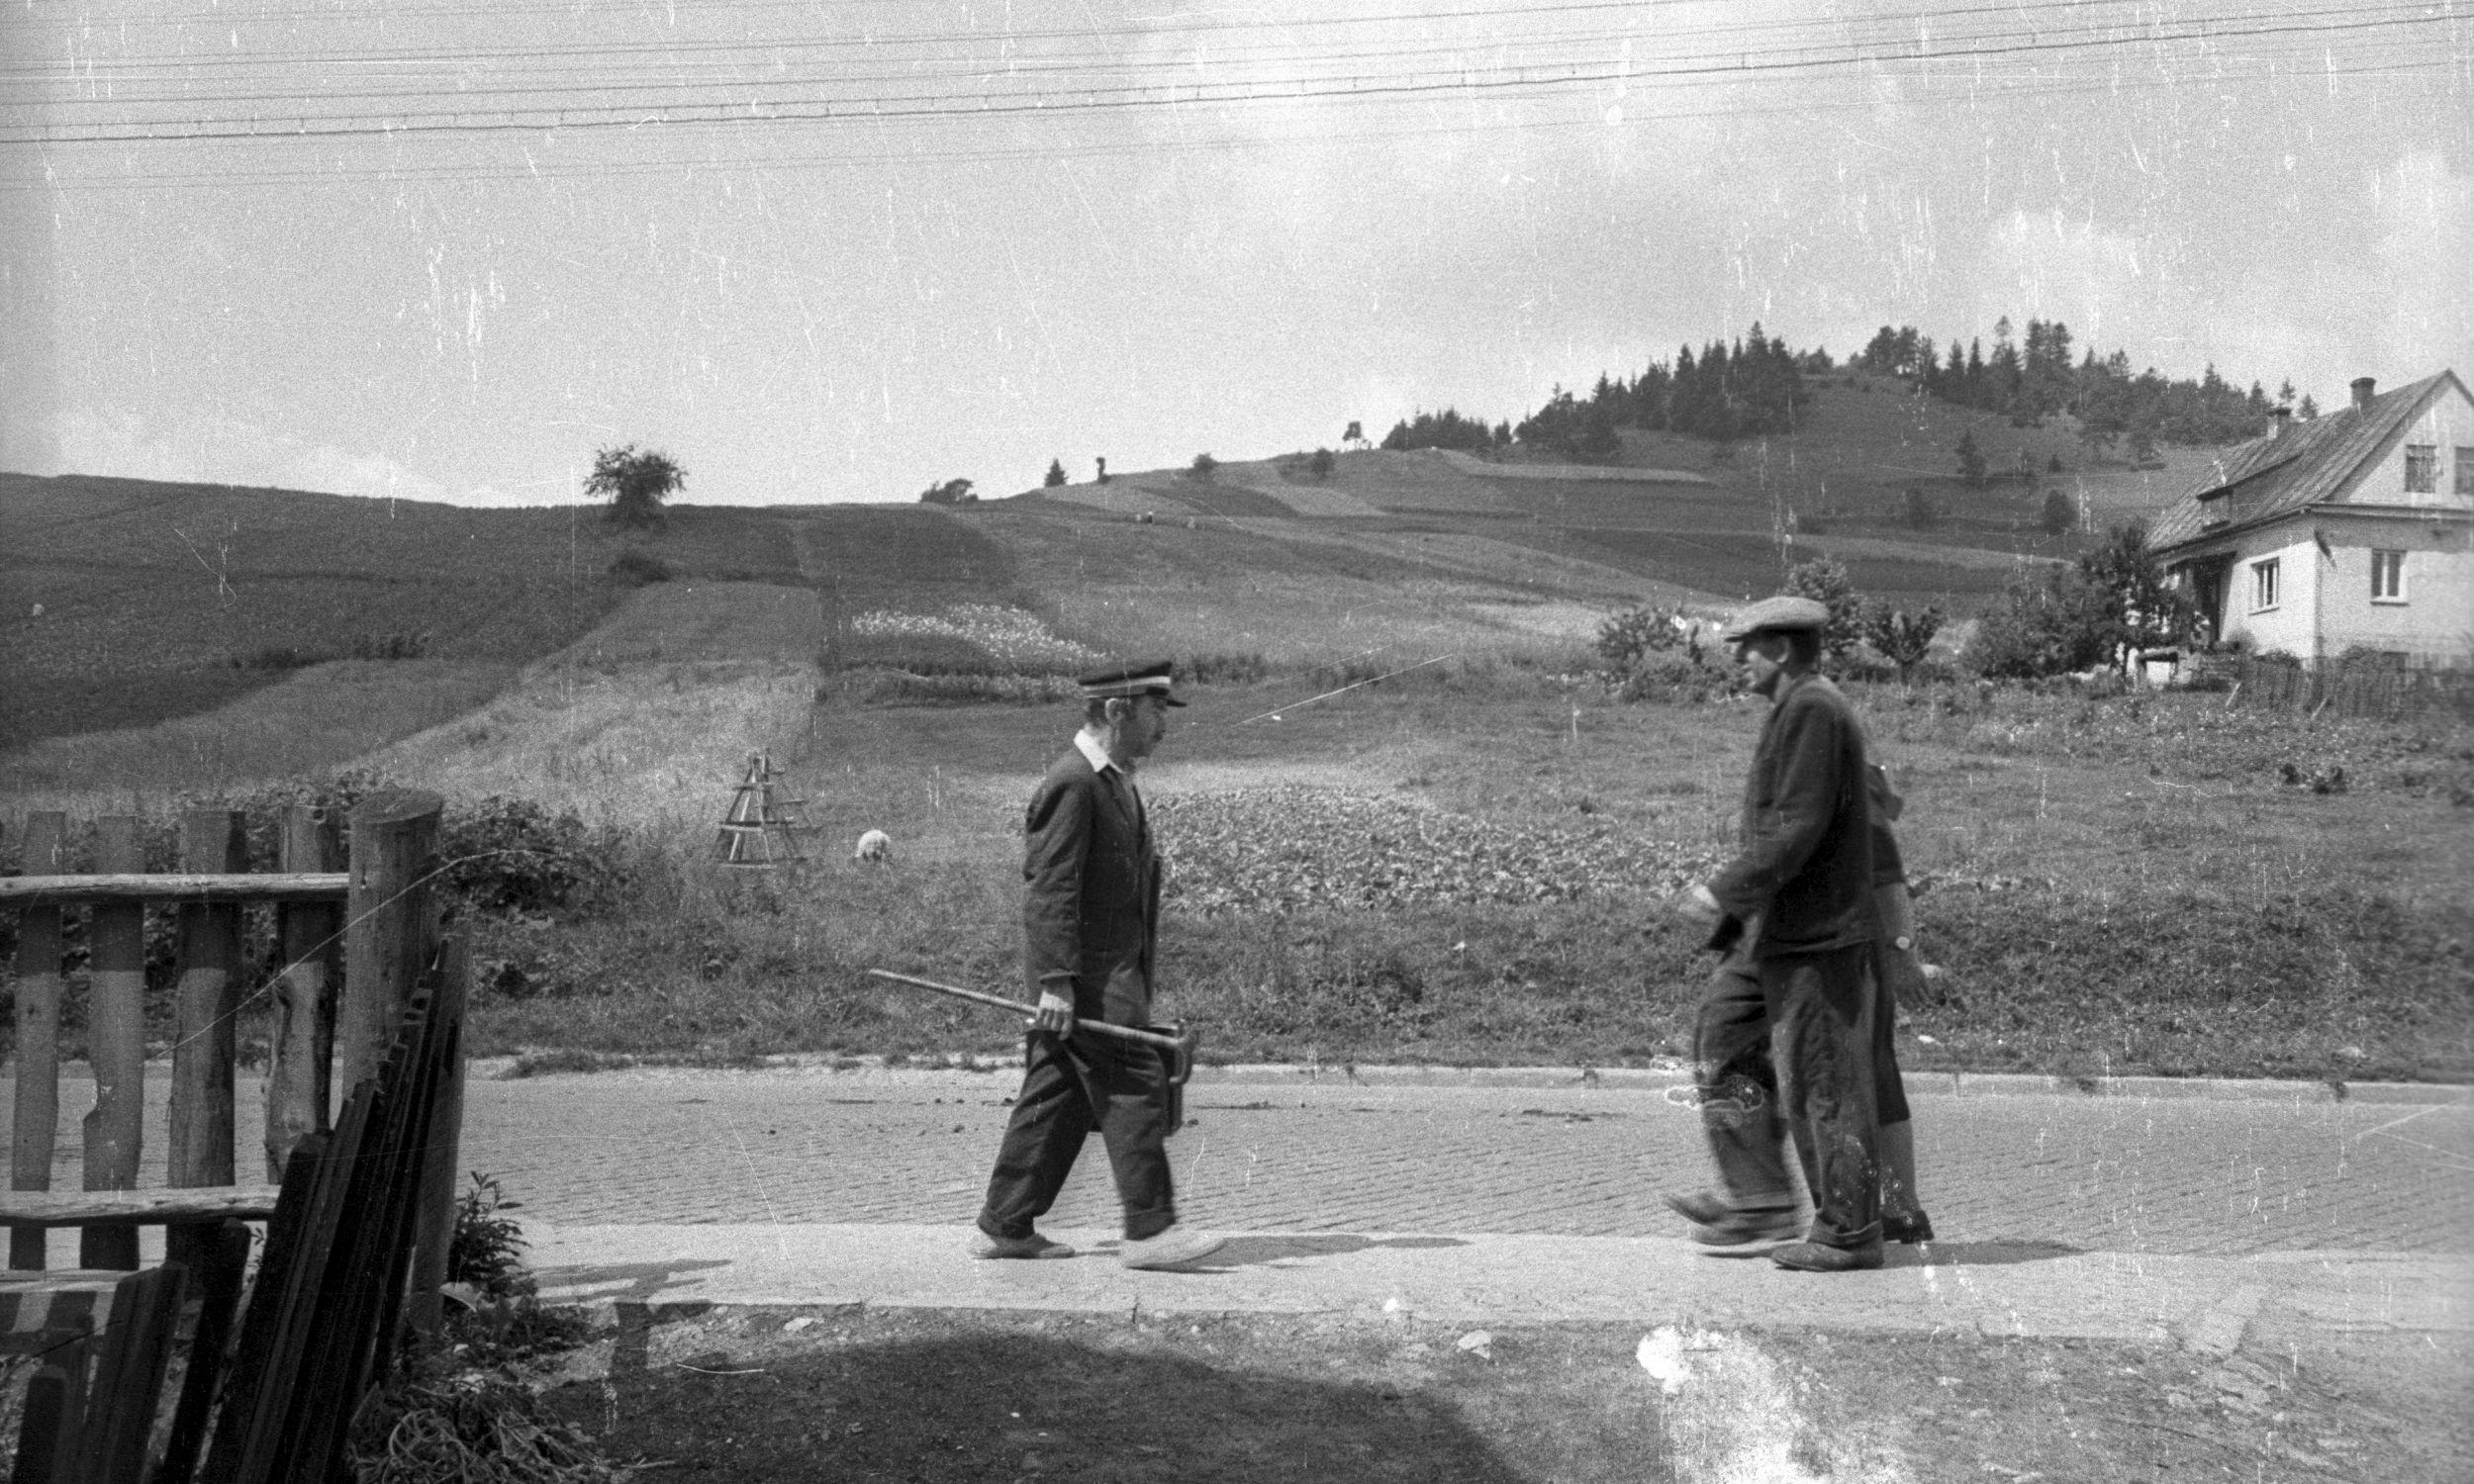 Nikifor kochał Łemkowszczyznę. Przesiedlano go trzy razy, a on za każdym razem  wracał pieszo do swoich rodzinnych stron. Zdjęcie: Krynica po 1963. Fotoreportaż o Nikiforze. Fot. Muzeum Narodowe w Warszawie/PAP/Wiesław Prażuch